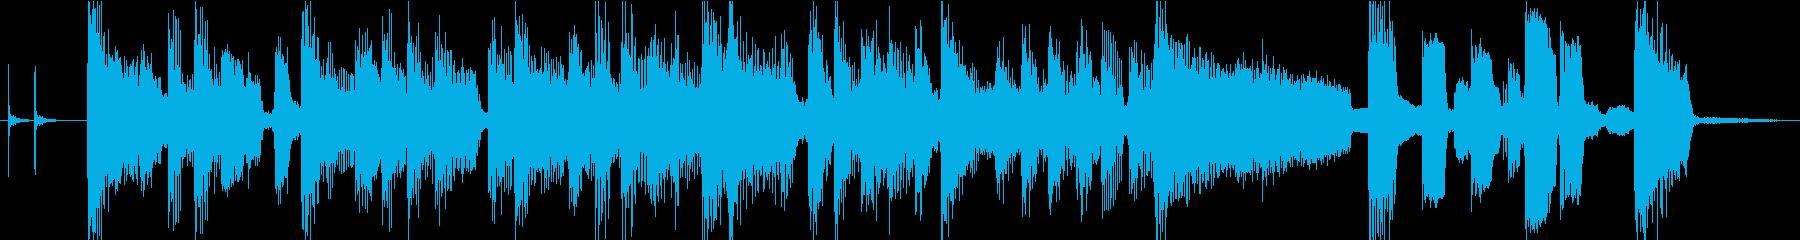 バサノバ 感情的 バラード エーテ...の再生済みの波形